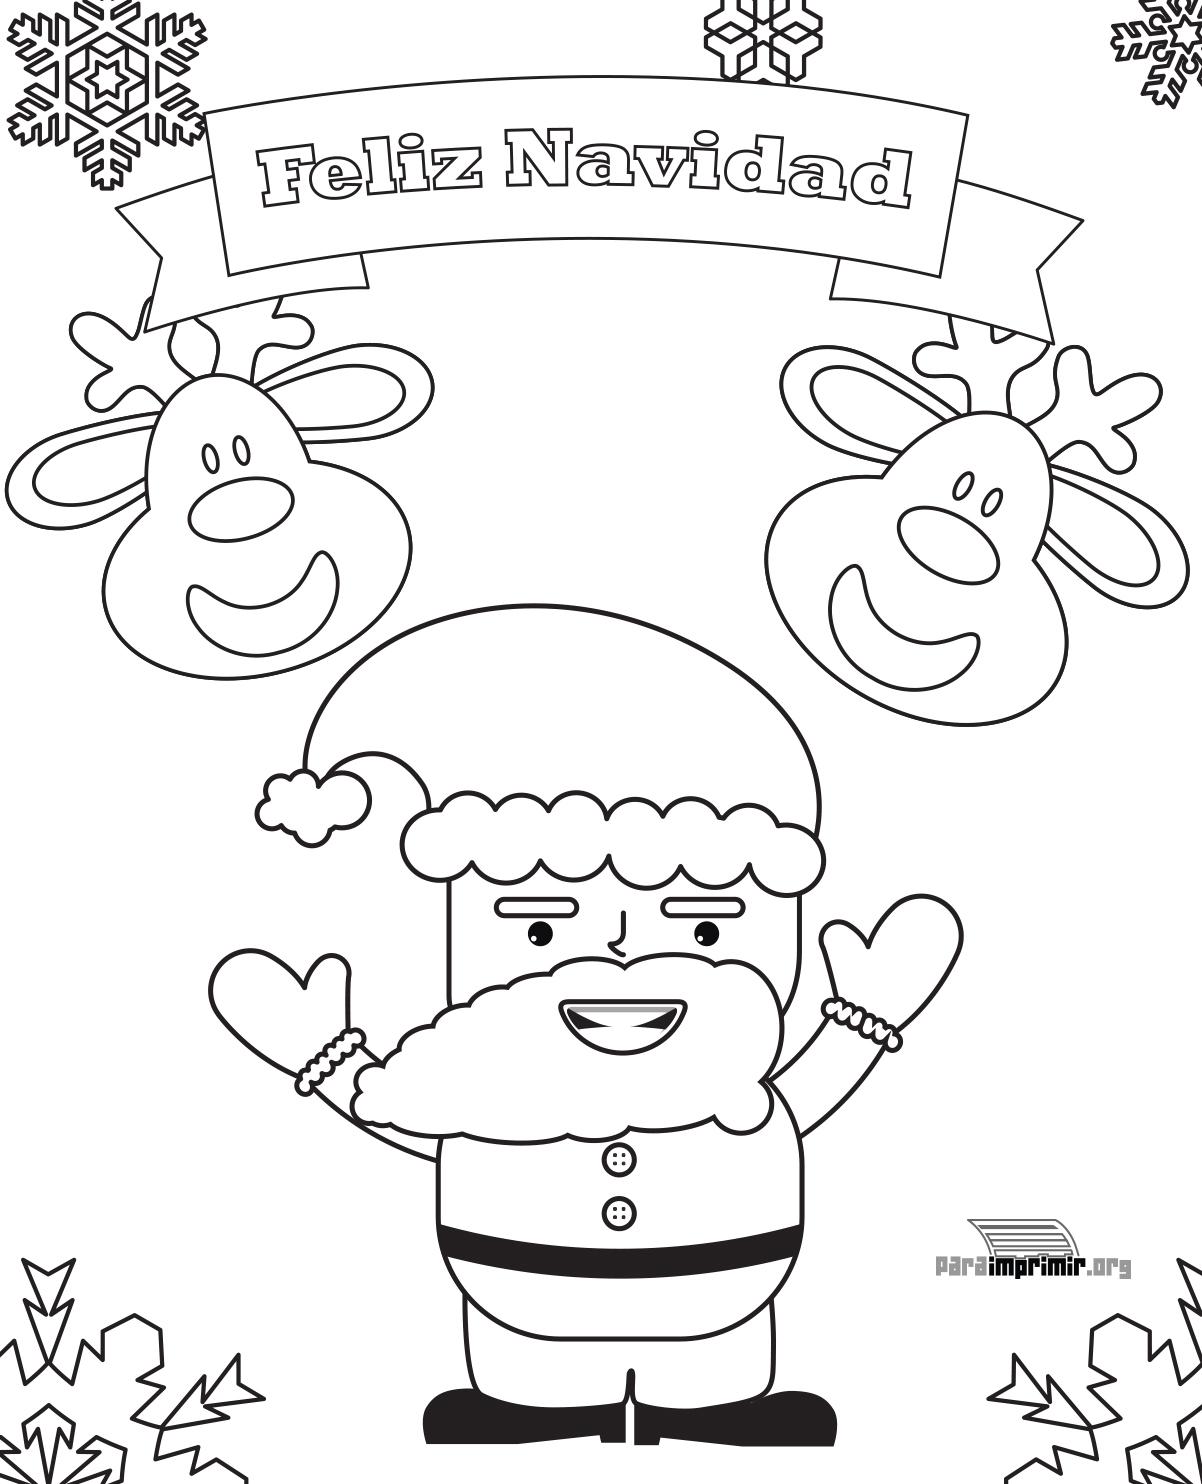 Tarjeta de navidad para imprimir y colorear - Dibujos tarjetas navidenas ...